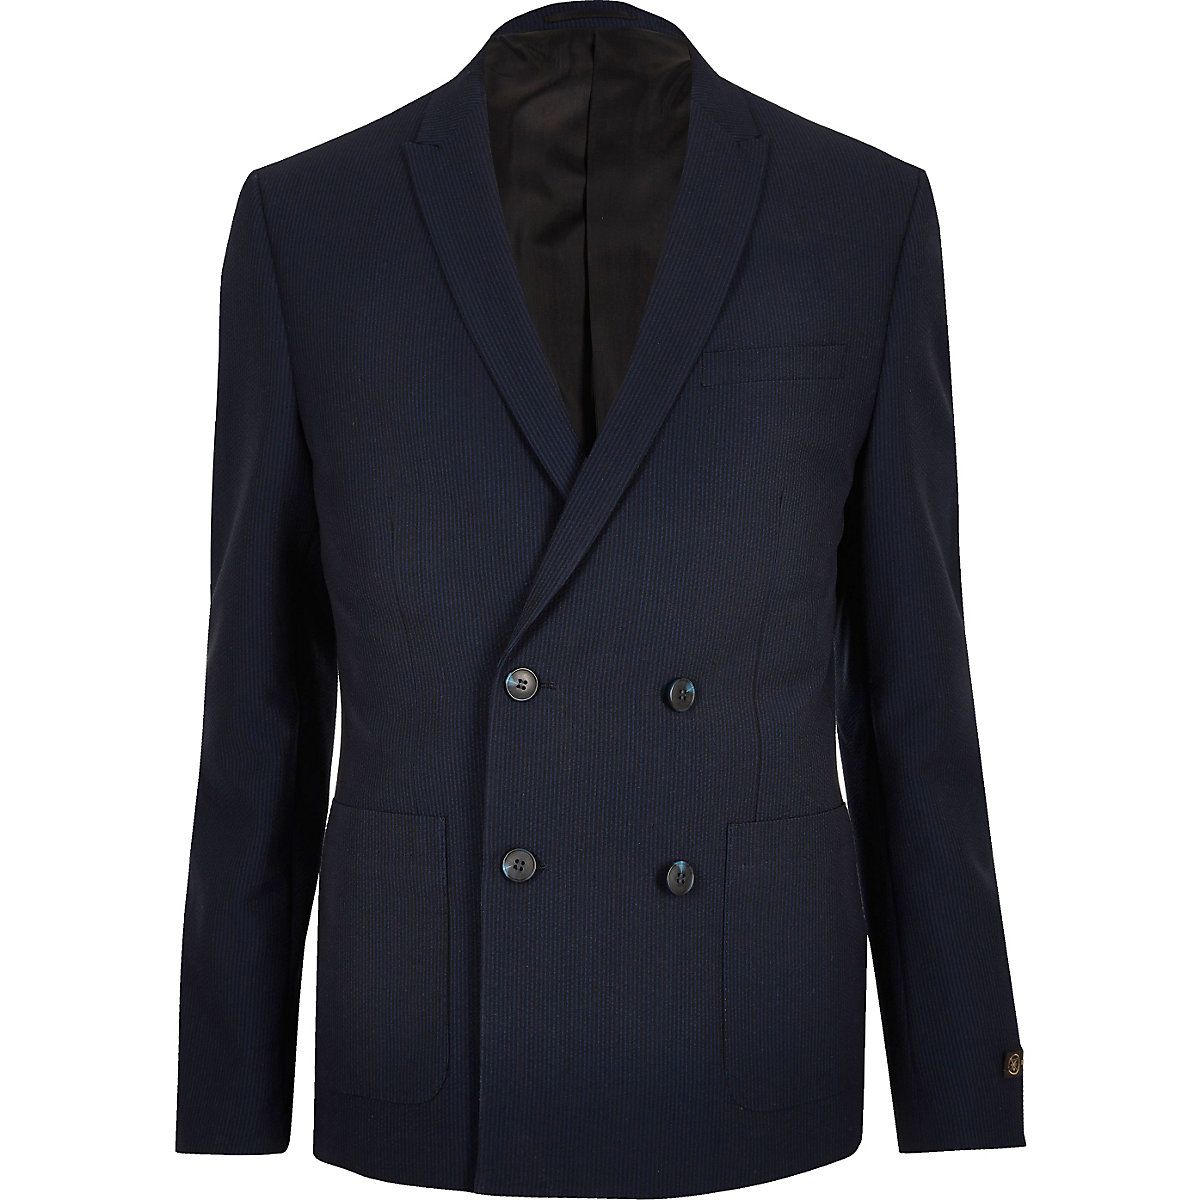 Navy double breasted seersucker suit jacket